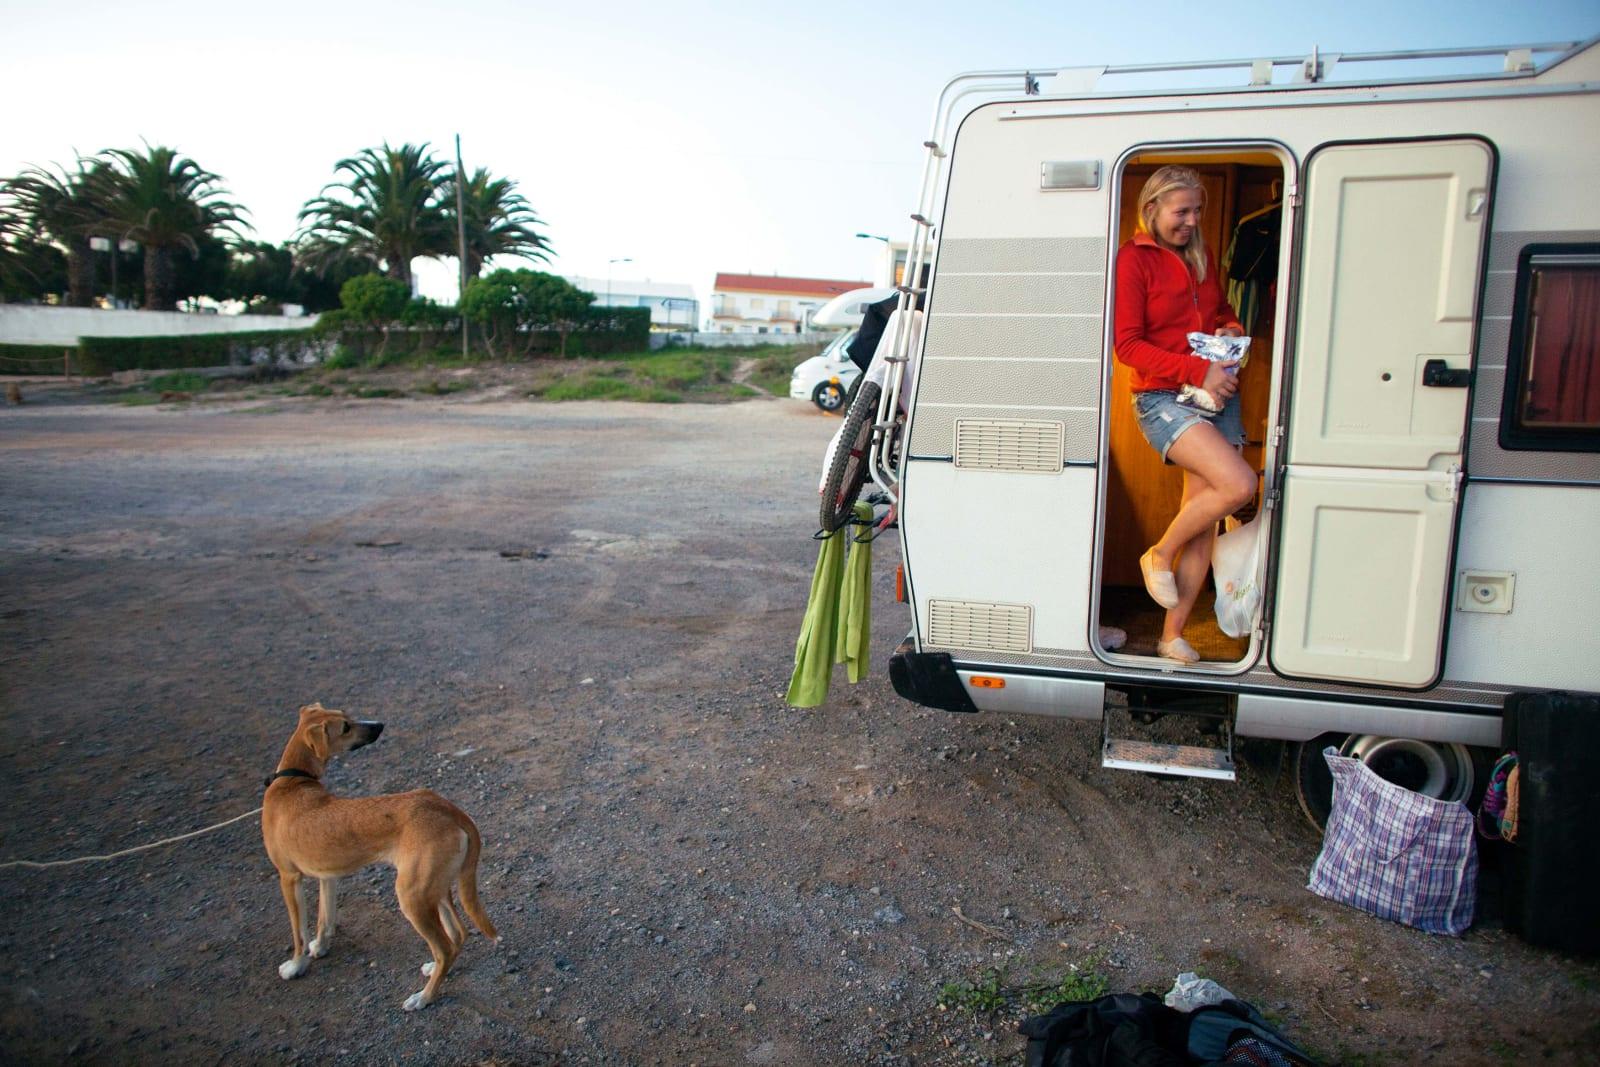 """PÅ GJENNOMREISE: Hunden fra en av de andre campingbilene på parkeringsplassen i Sagres vil gjerne hilse på Anna Sara Fjeld. Østfoldjenta og bilen """"Helga"""" har vært noen måneder på tur i Europa for å sykle, klatre og surfe. Algarve med sine fine strender og varmere vann var et naturlig valg når det skulle surfes. Foto: Thomas Kleiven"""